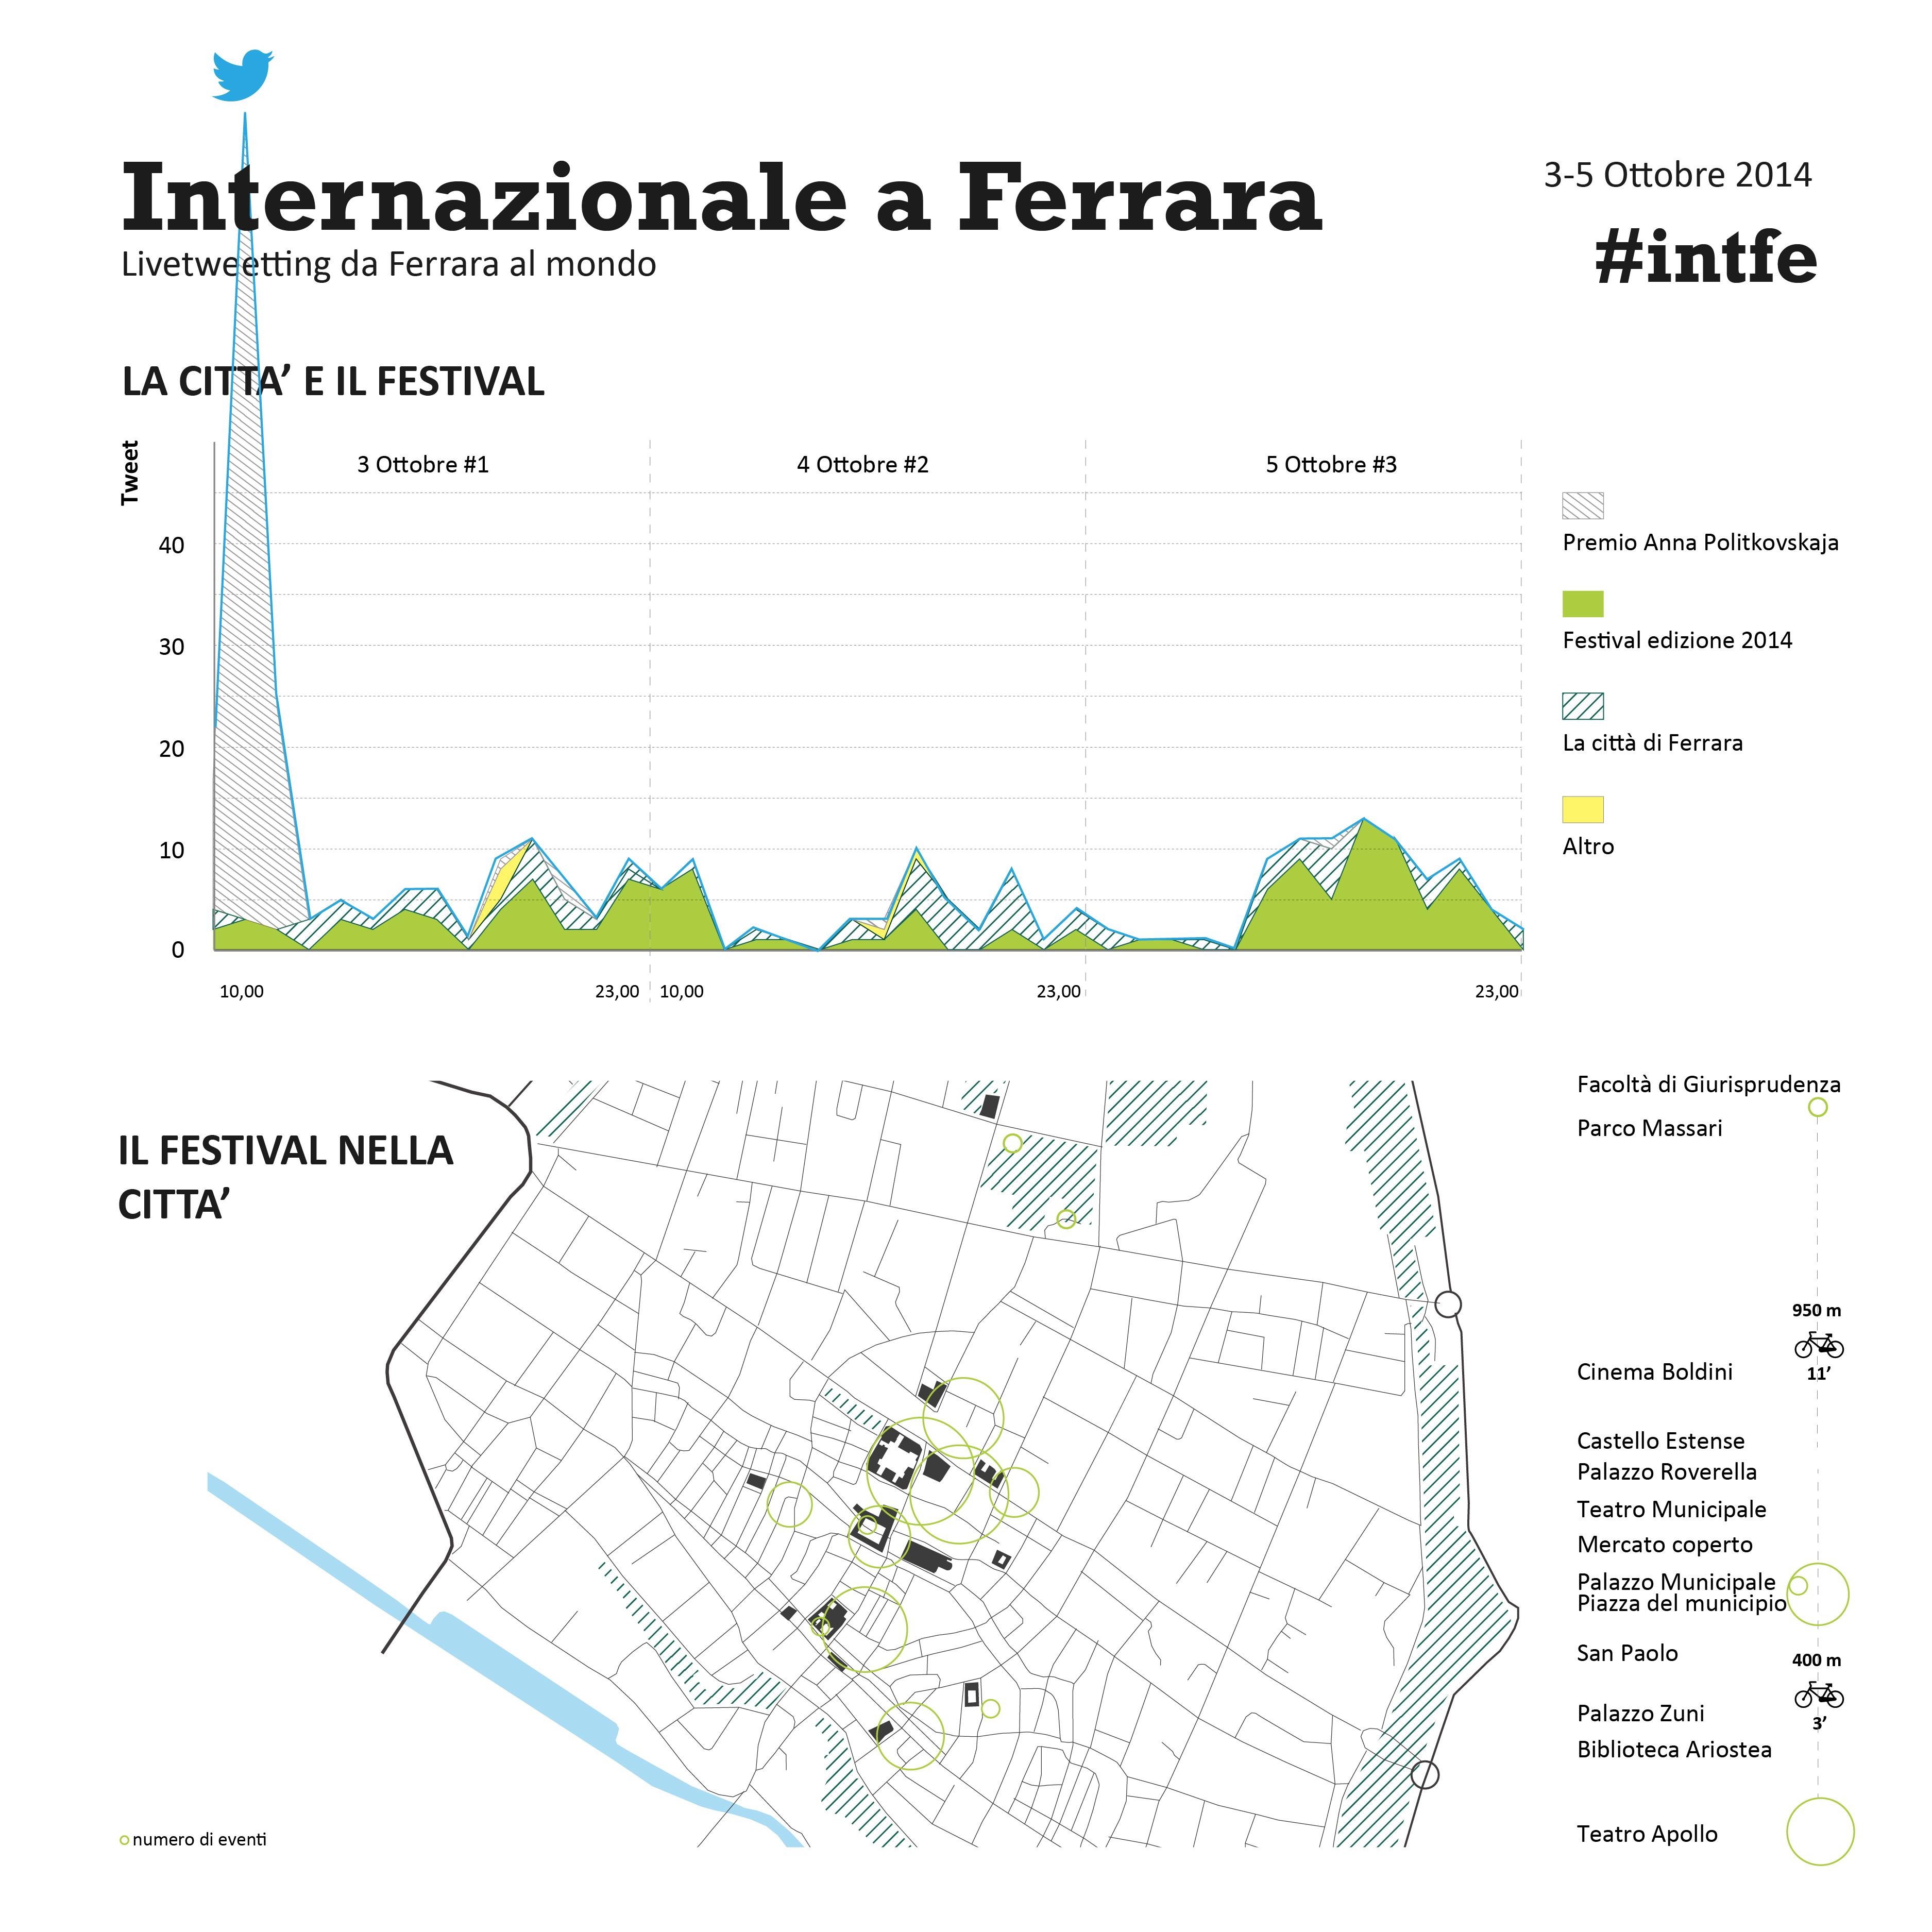 Internazionale a Ferrara i luoghi